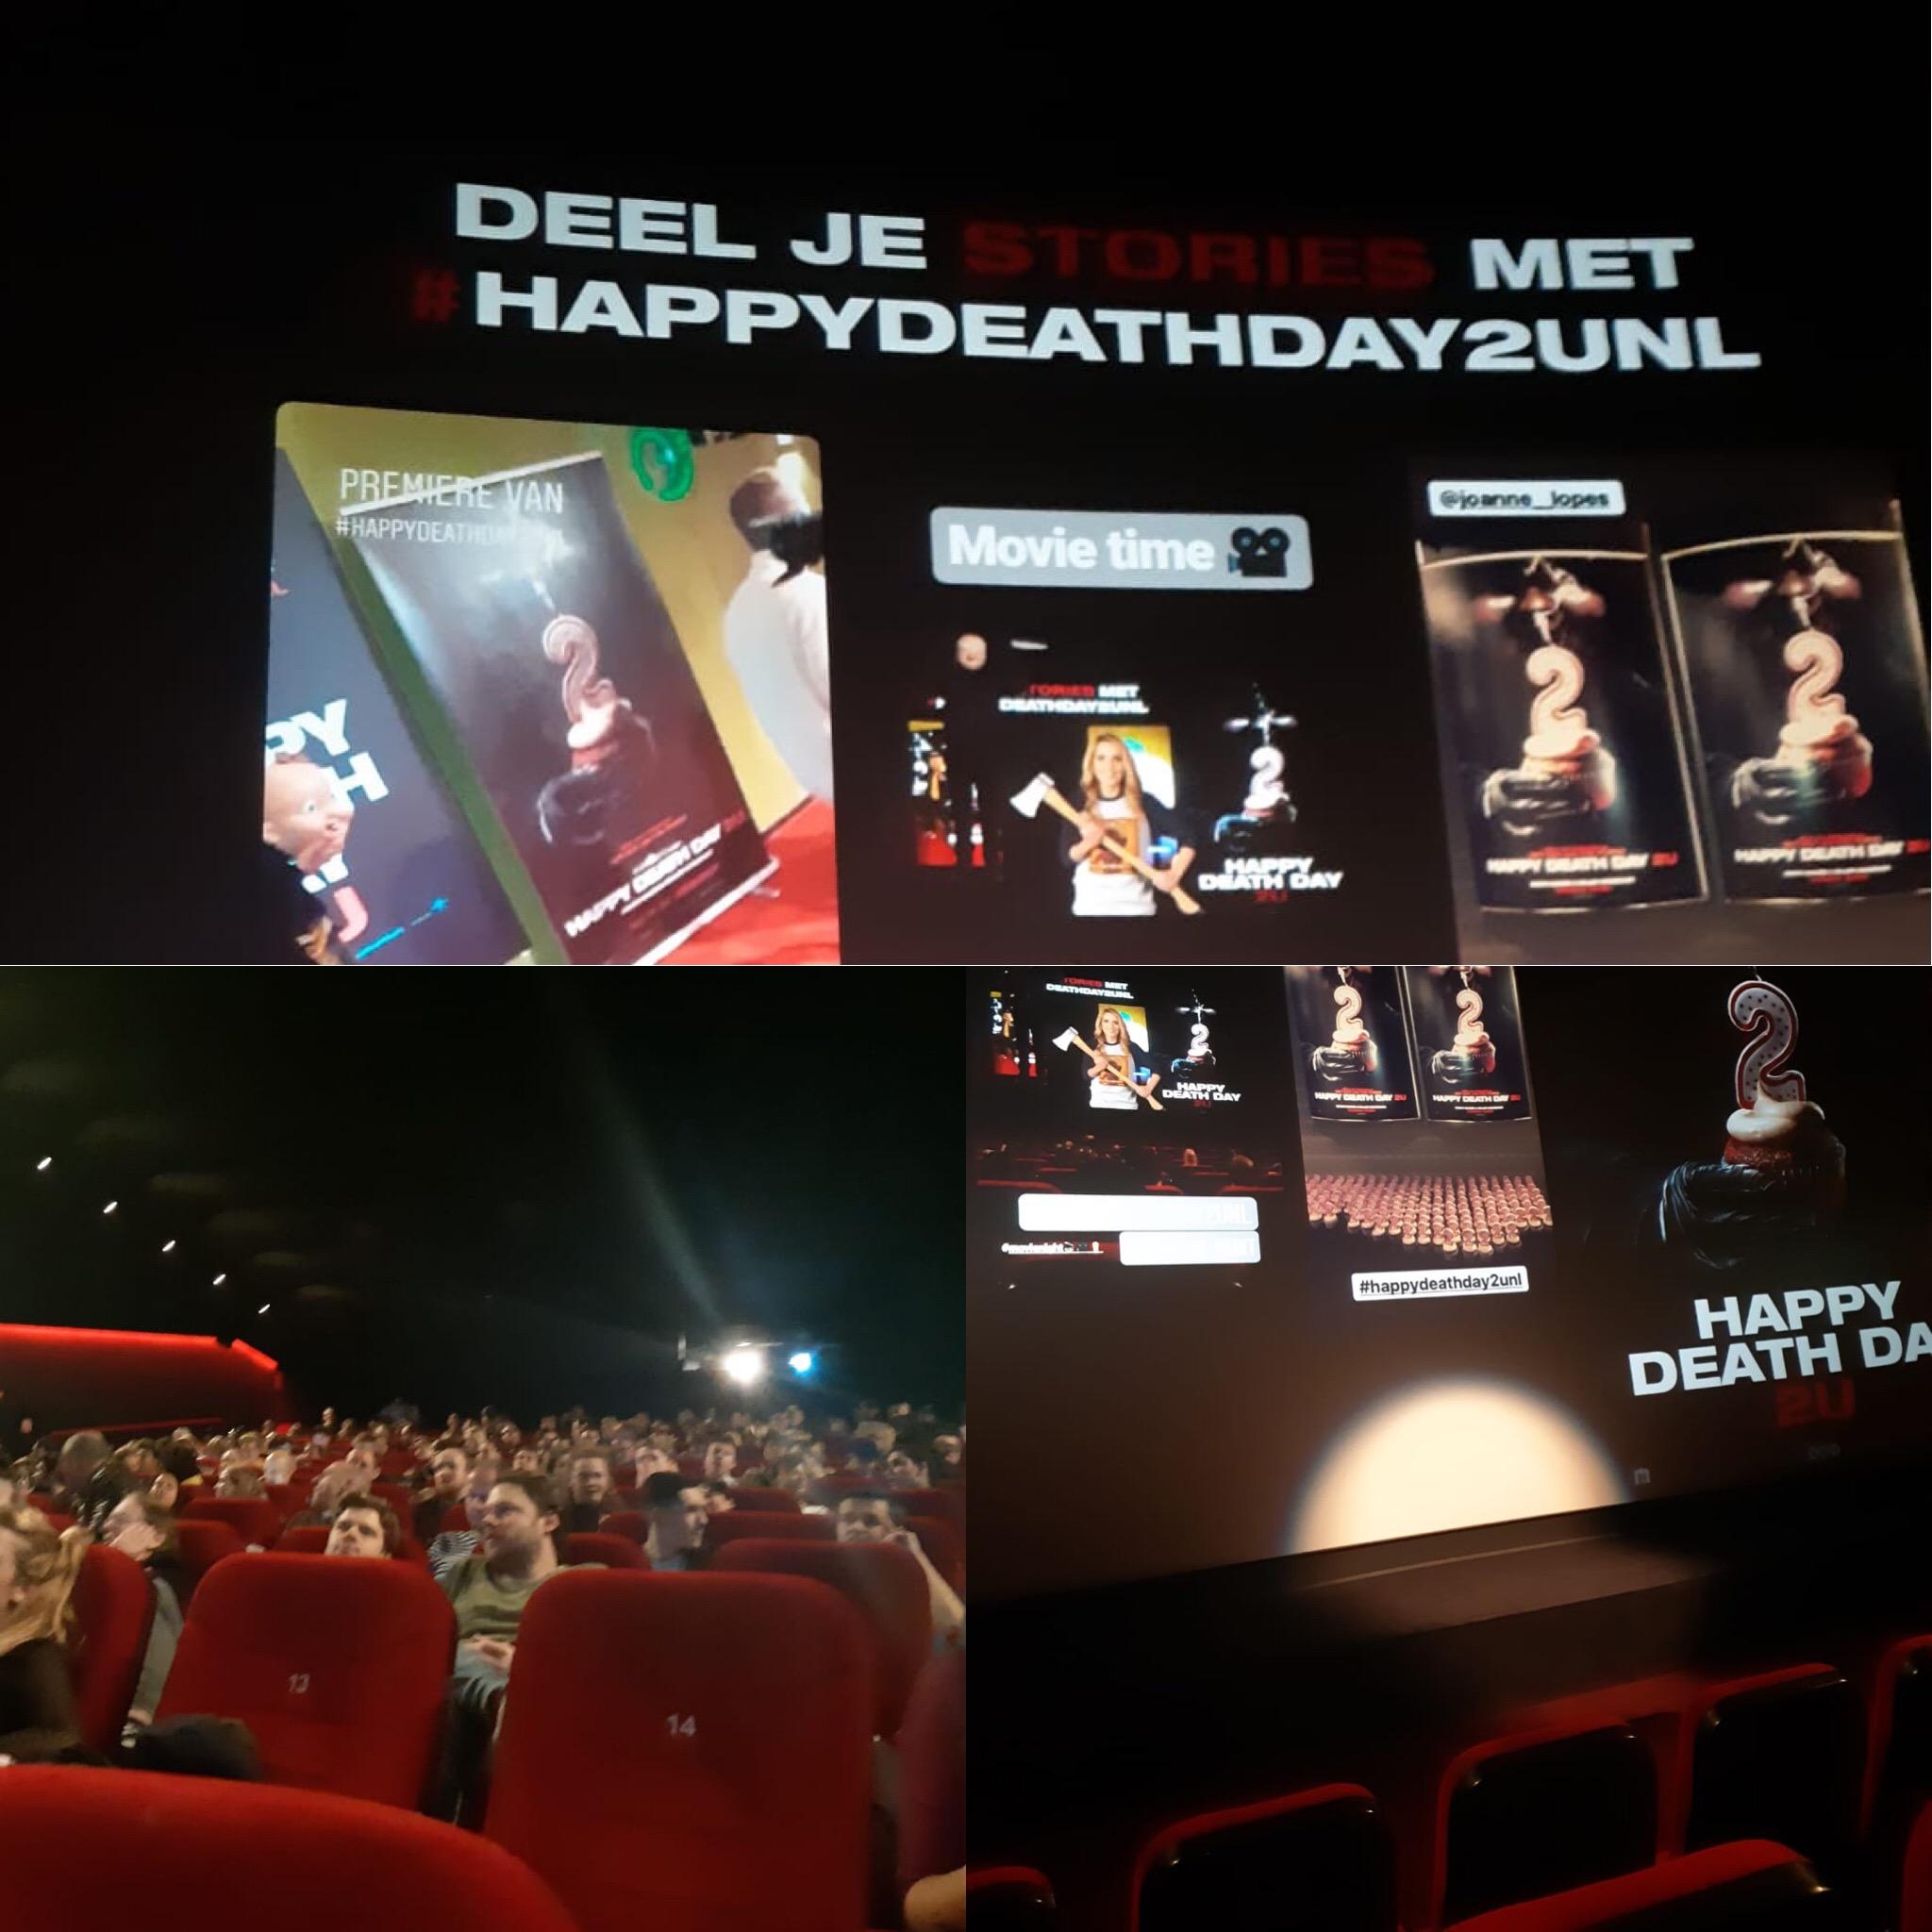 Speciale HAPPY DEATH DAY 2U vertoning, maar is deze film niet te veel horror?